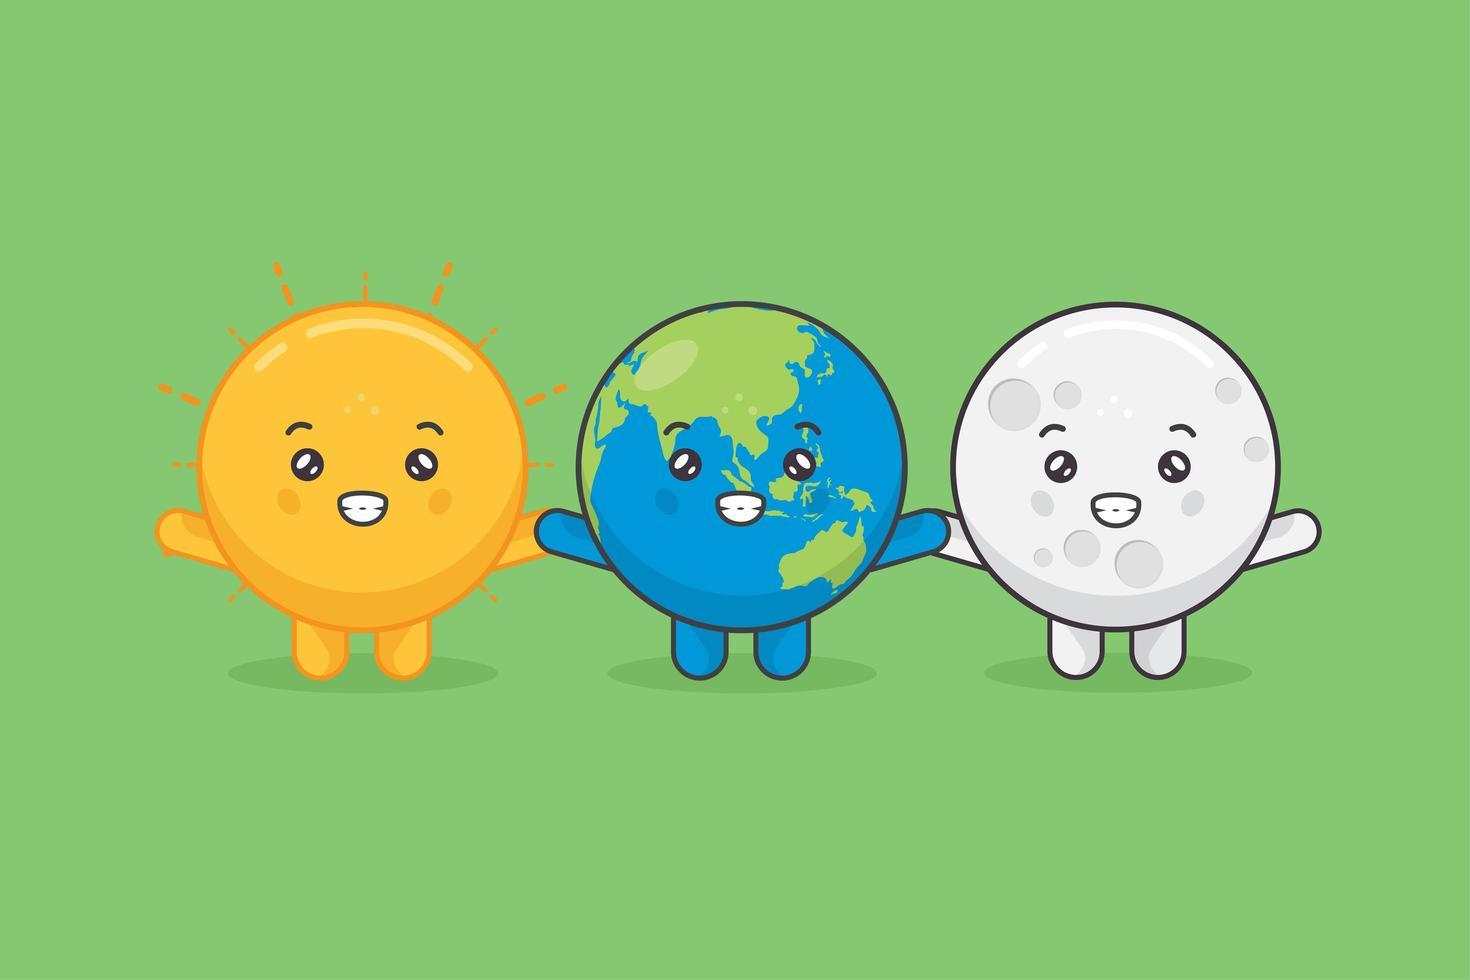 adorables personnages de lune, terre et soleil avec une expression heureuse vecteur